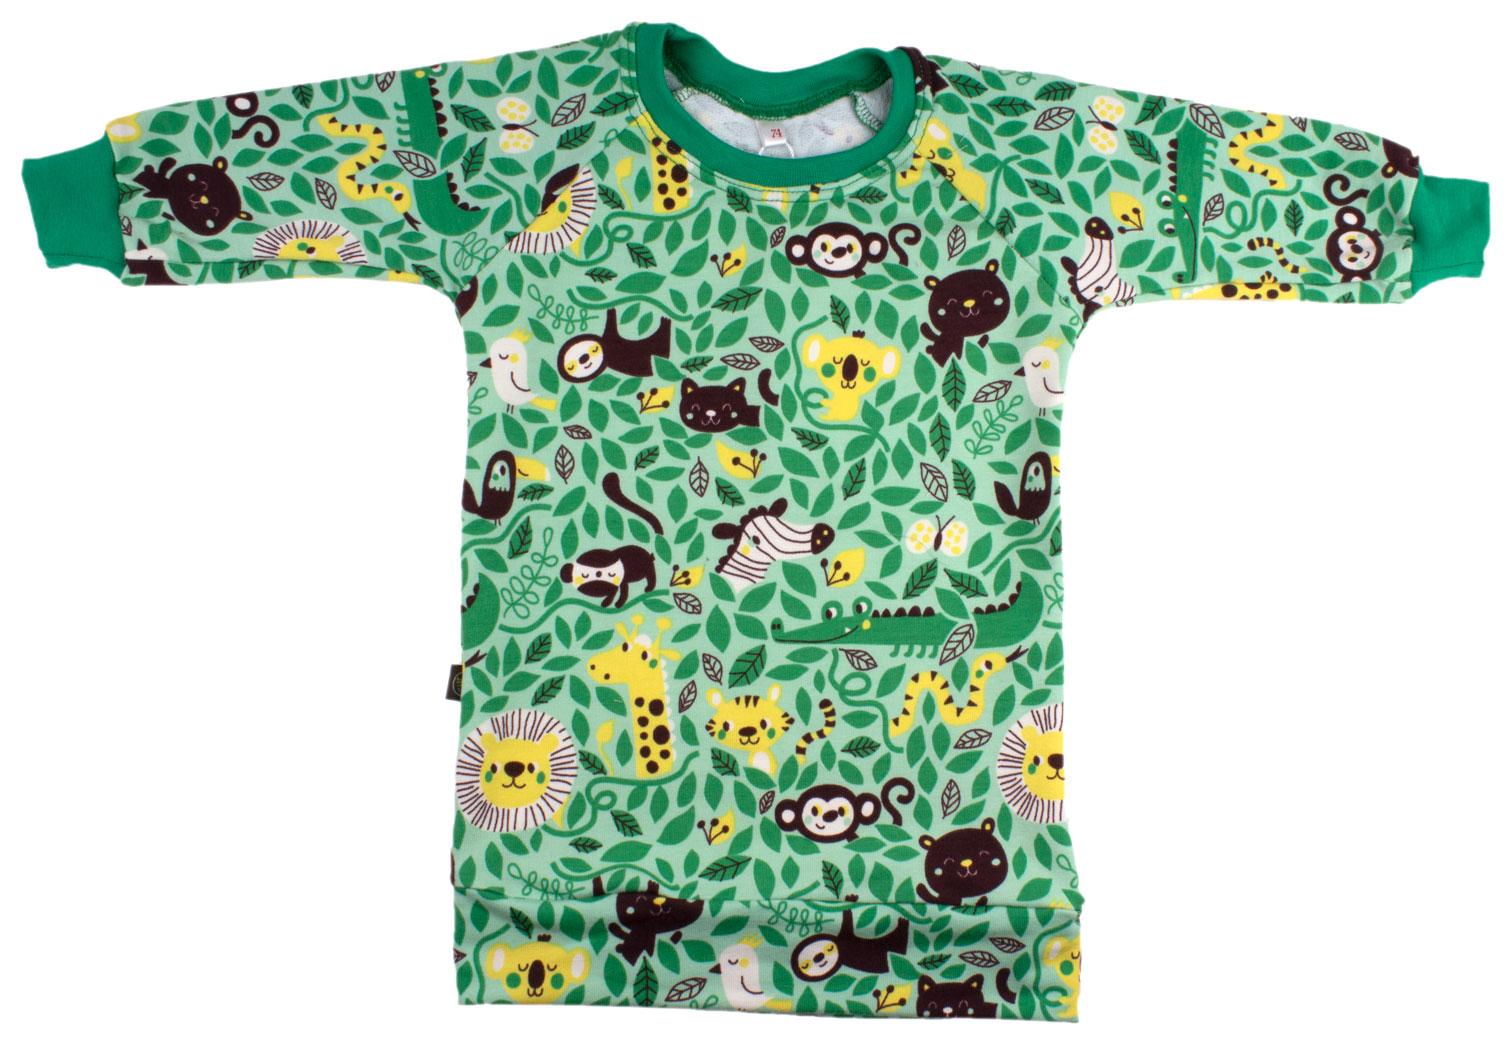 groen met jungledieren